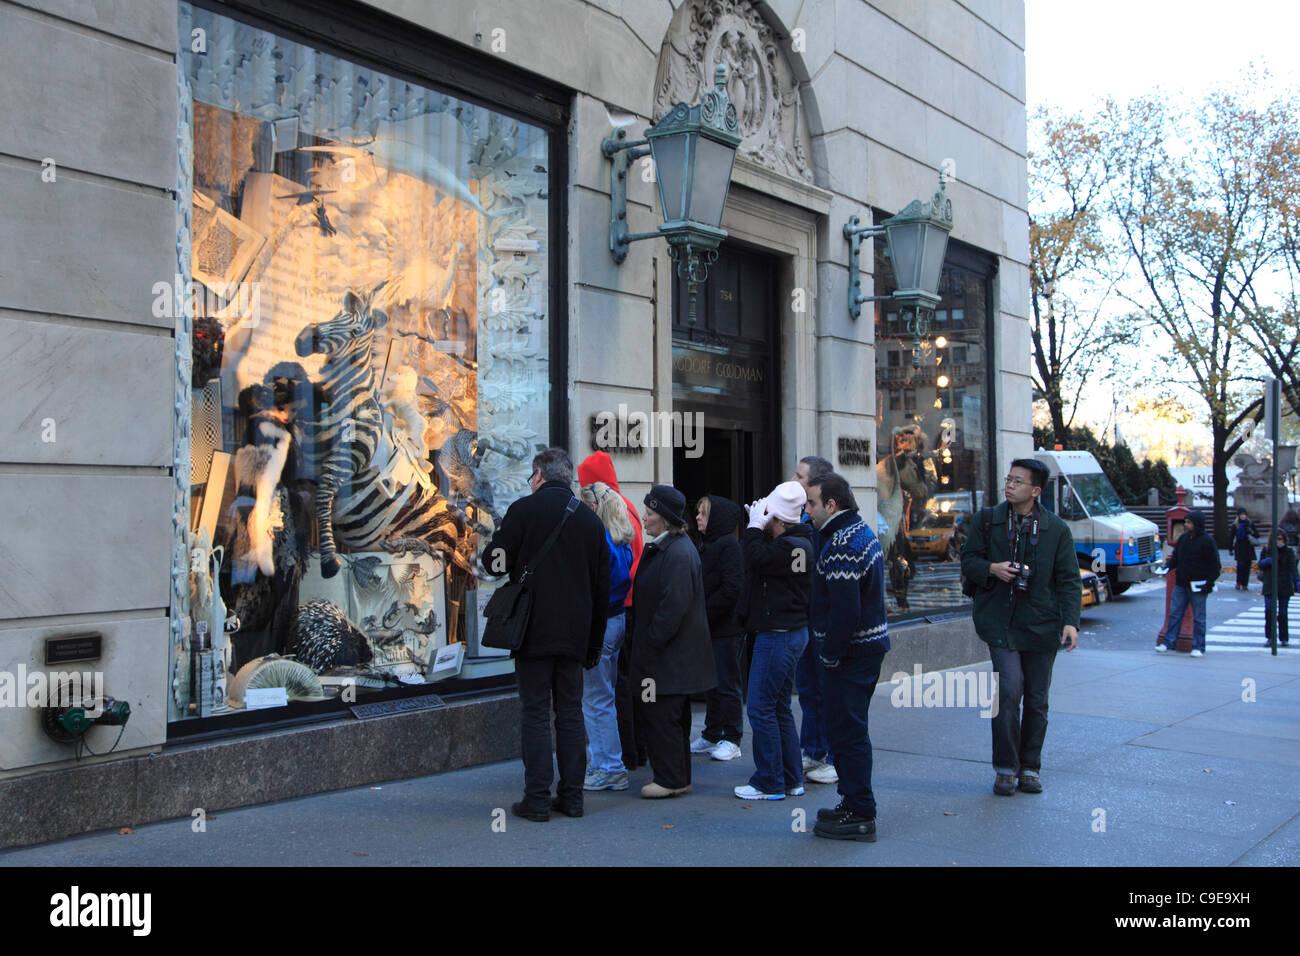 Windows von Bergdorf Goodman Kaufhaus dekoriert für Weihnachten ...